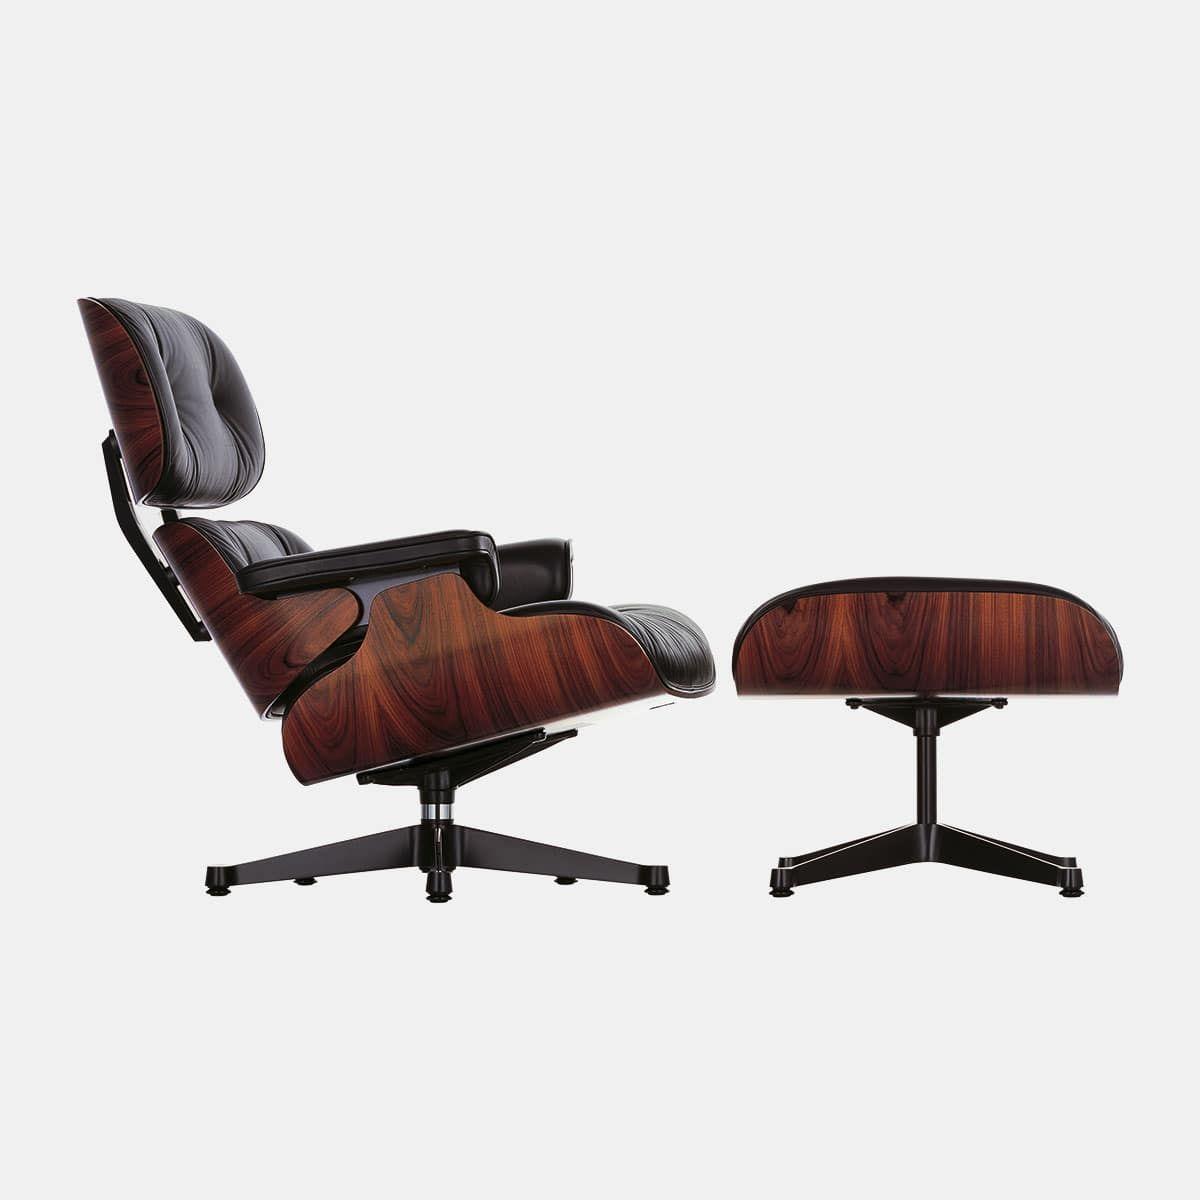 Vitra Charles Ray Eames Lounge Chair Ottoman Santos Palisander Leder Premium Zwart Aluminium Zijkanten Zwart 001shop Palisander Inneneinrichtung Einrichtung